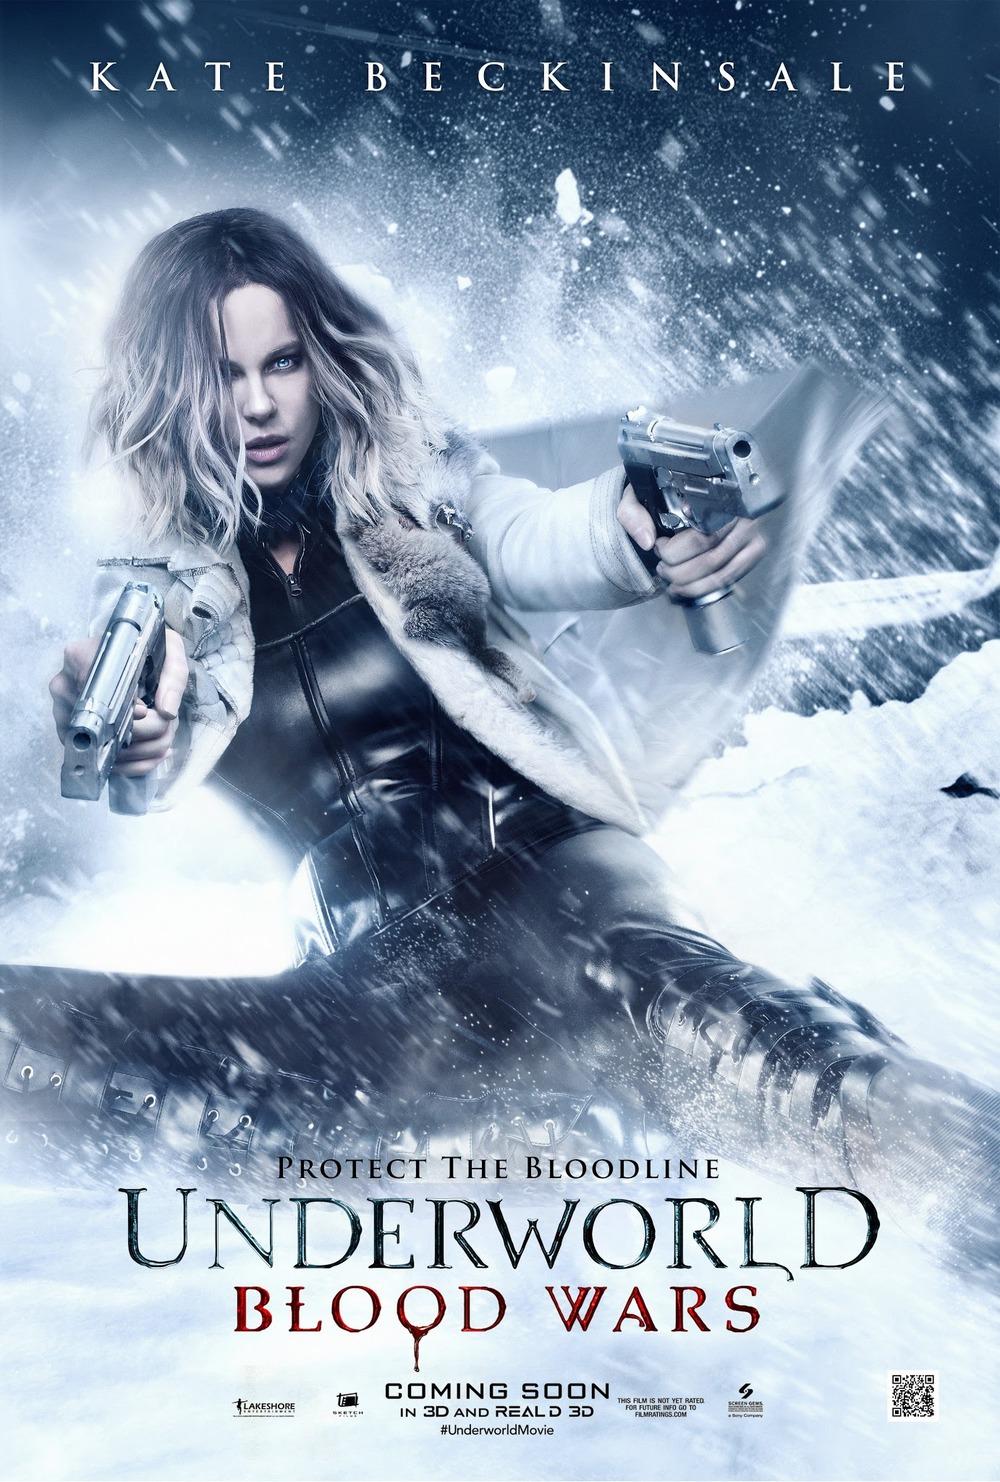 Underworld 5 release date in Sydney